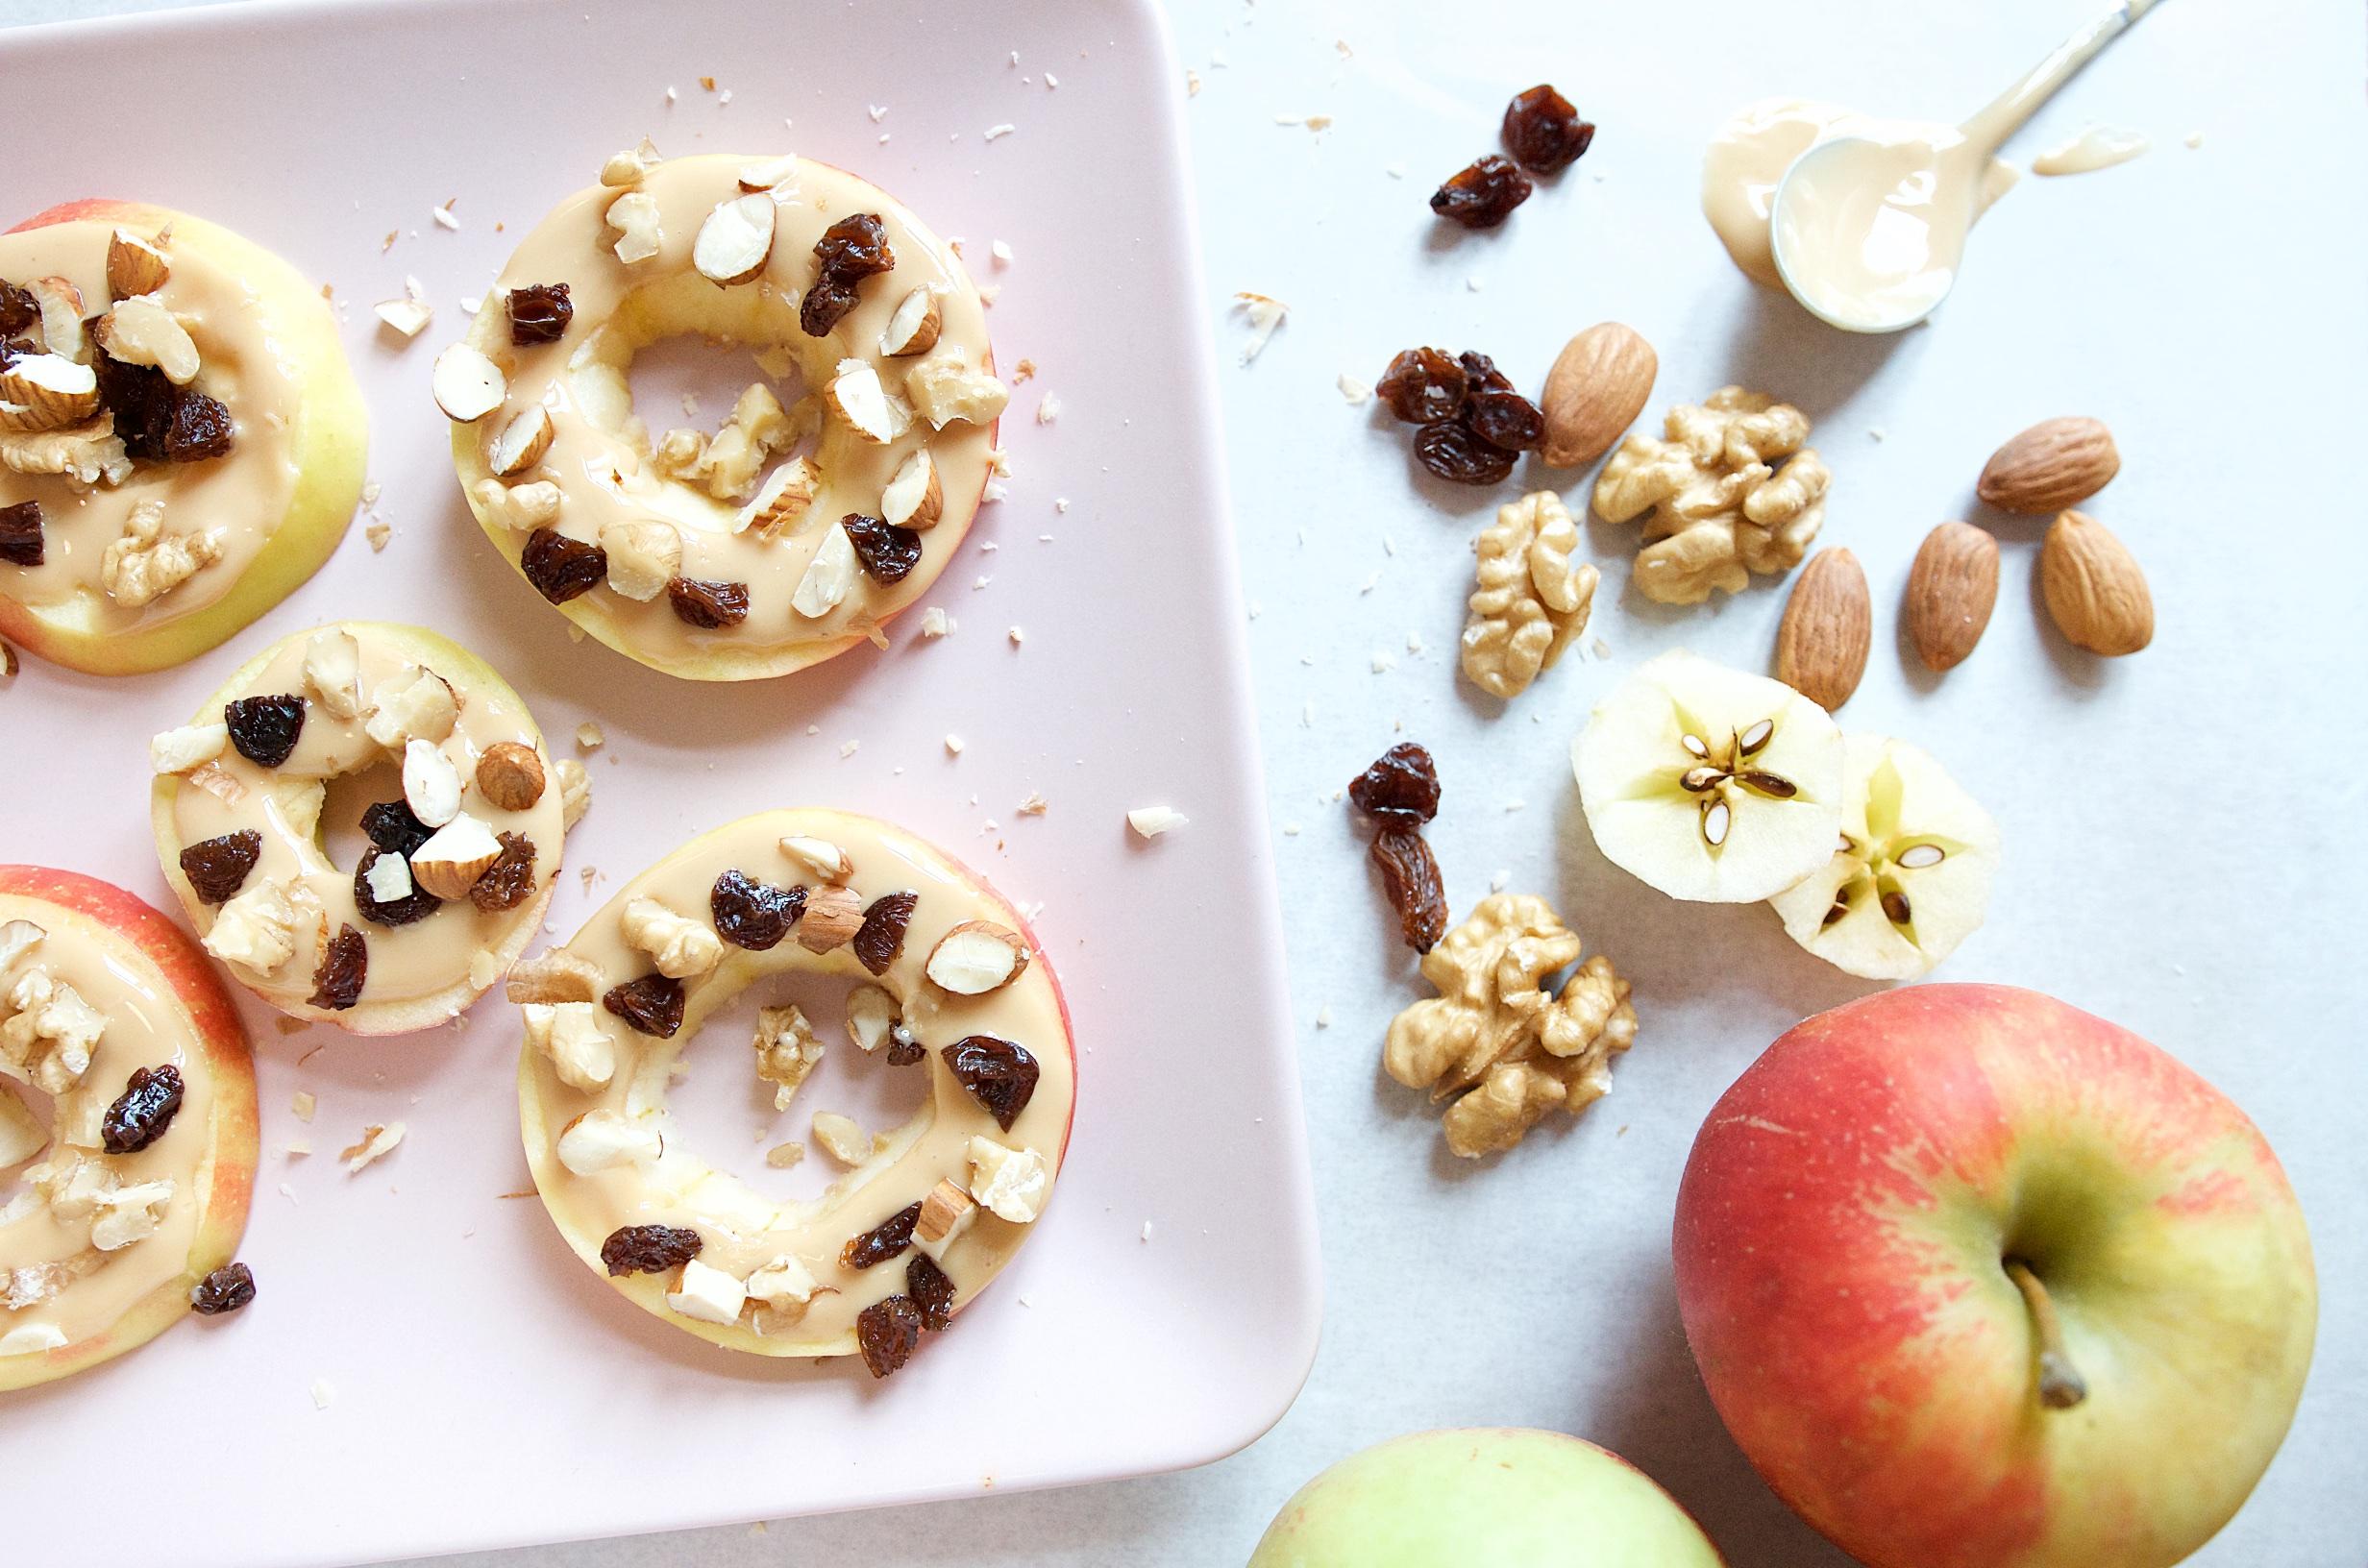 Gesund und lecker - Nachmittagssnack für Kinder mit Apfel, Erdnussmus und Topping